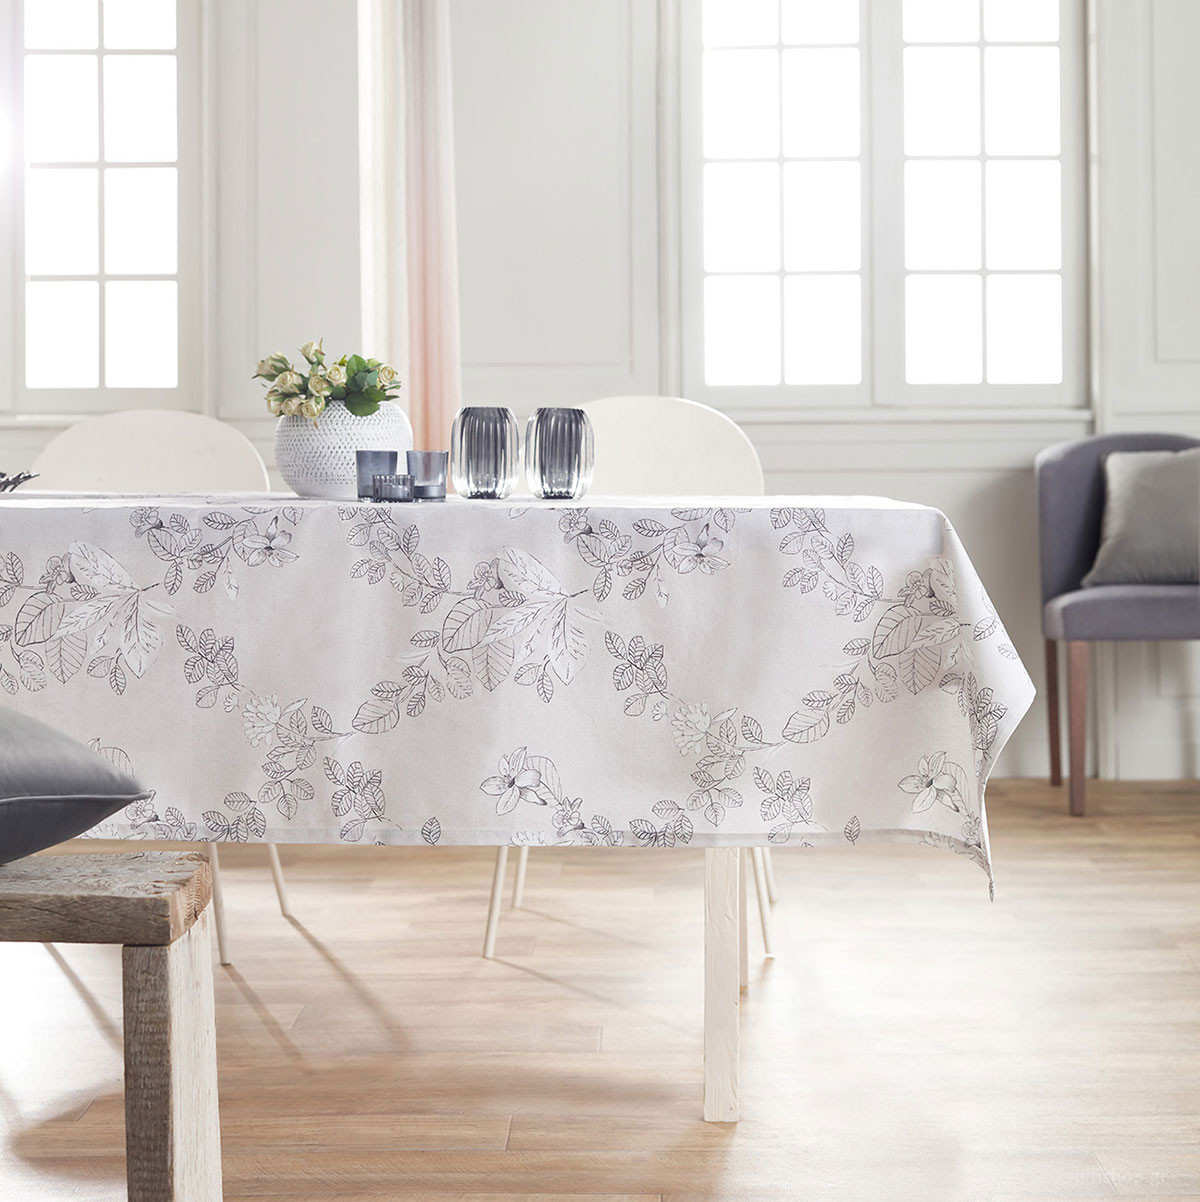 Τραπεζομάντηλο (150×220) Gofis Home White Blossom 737